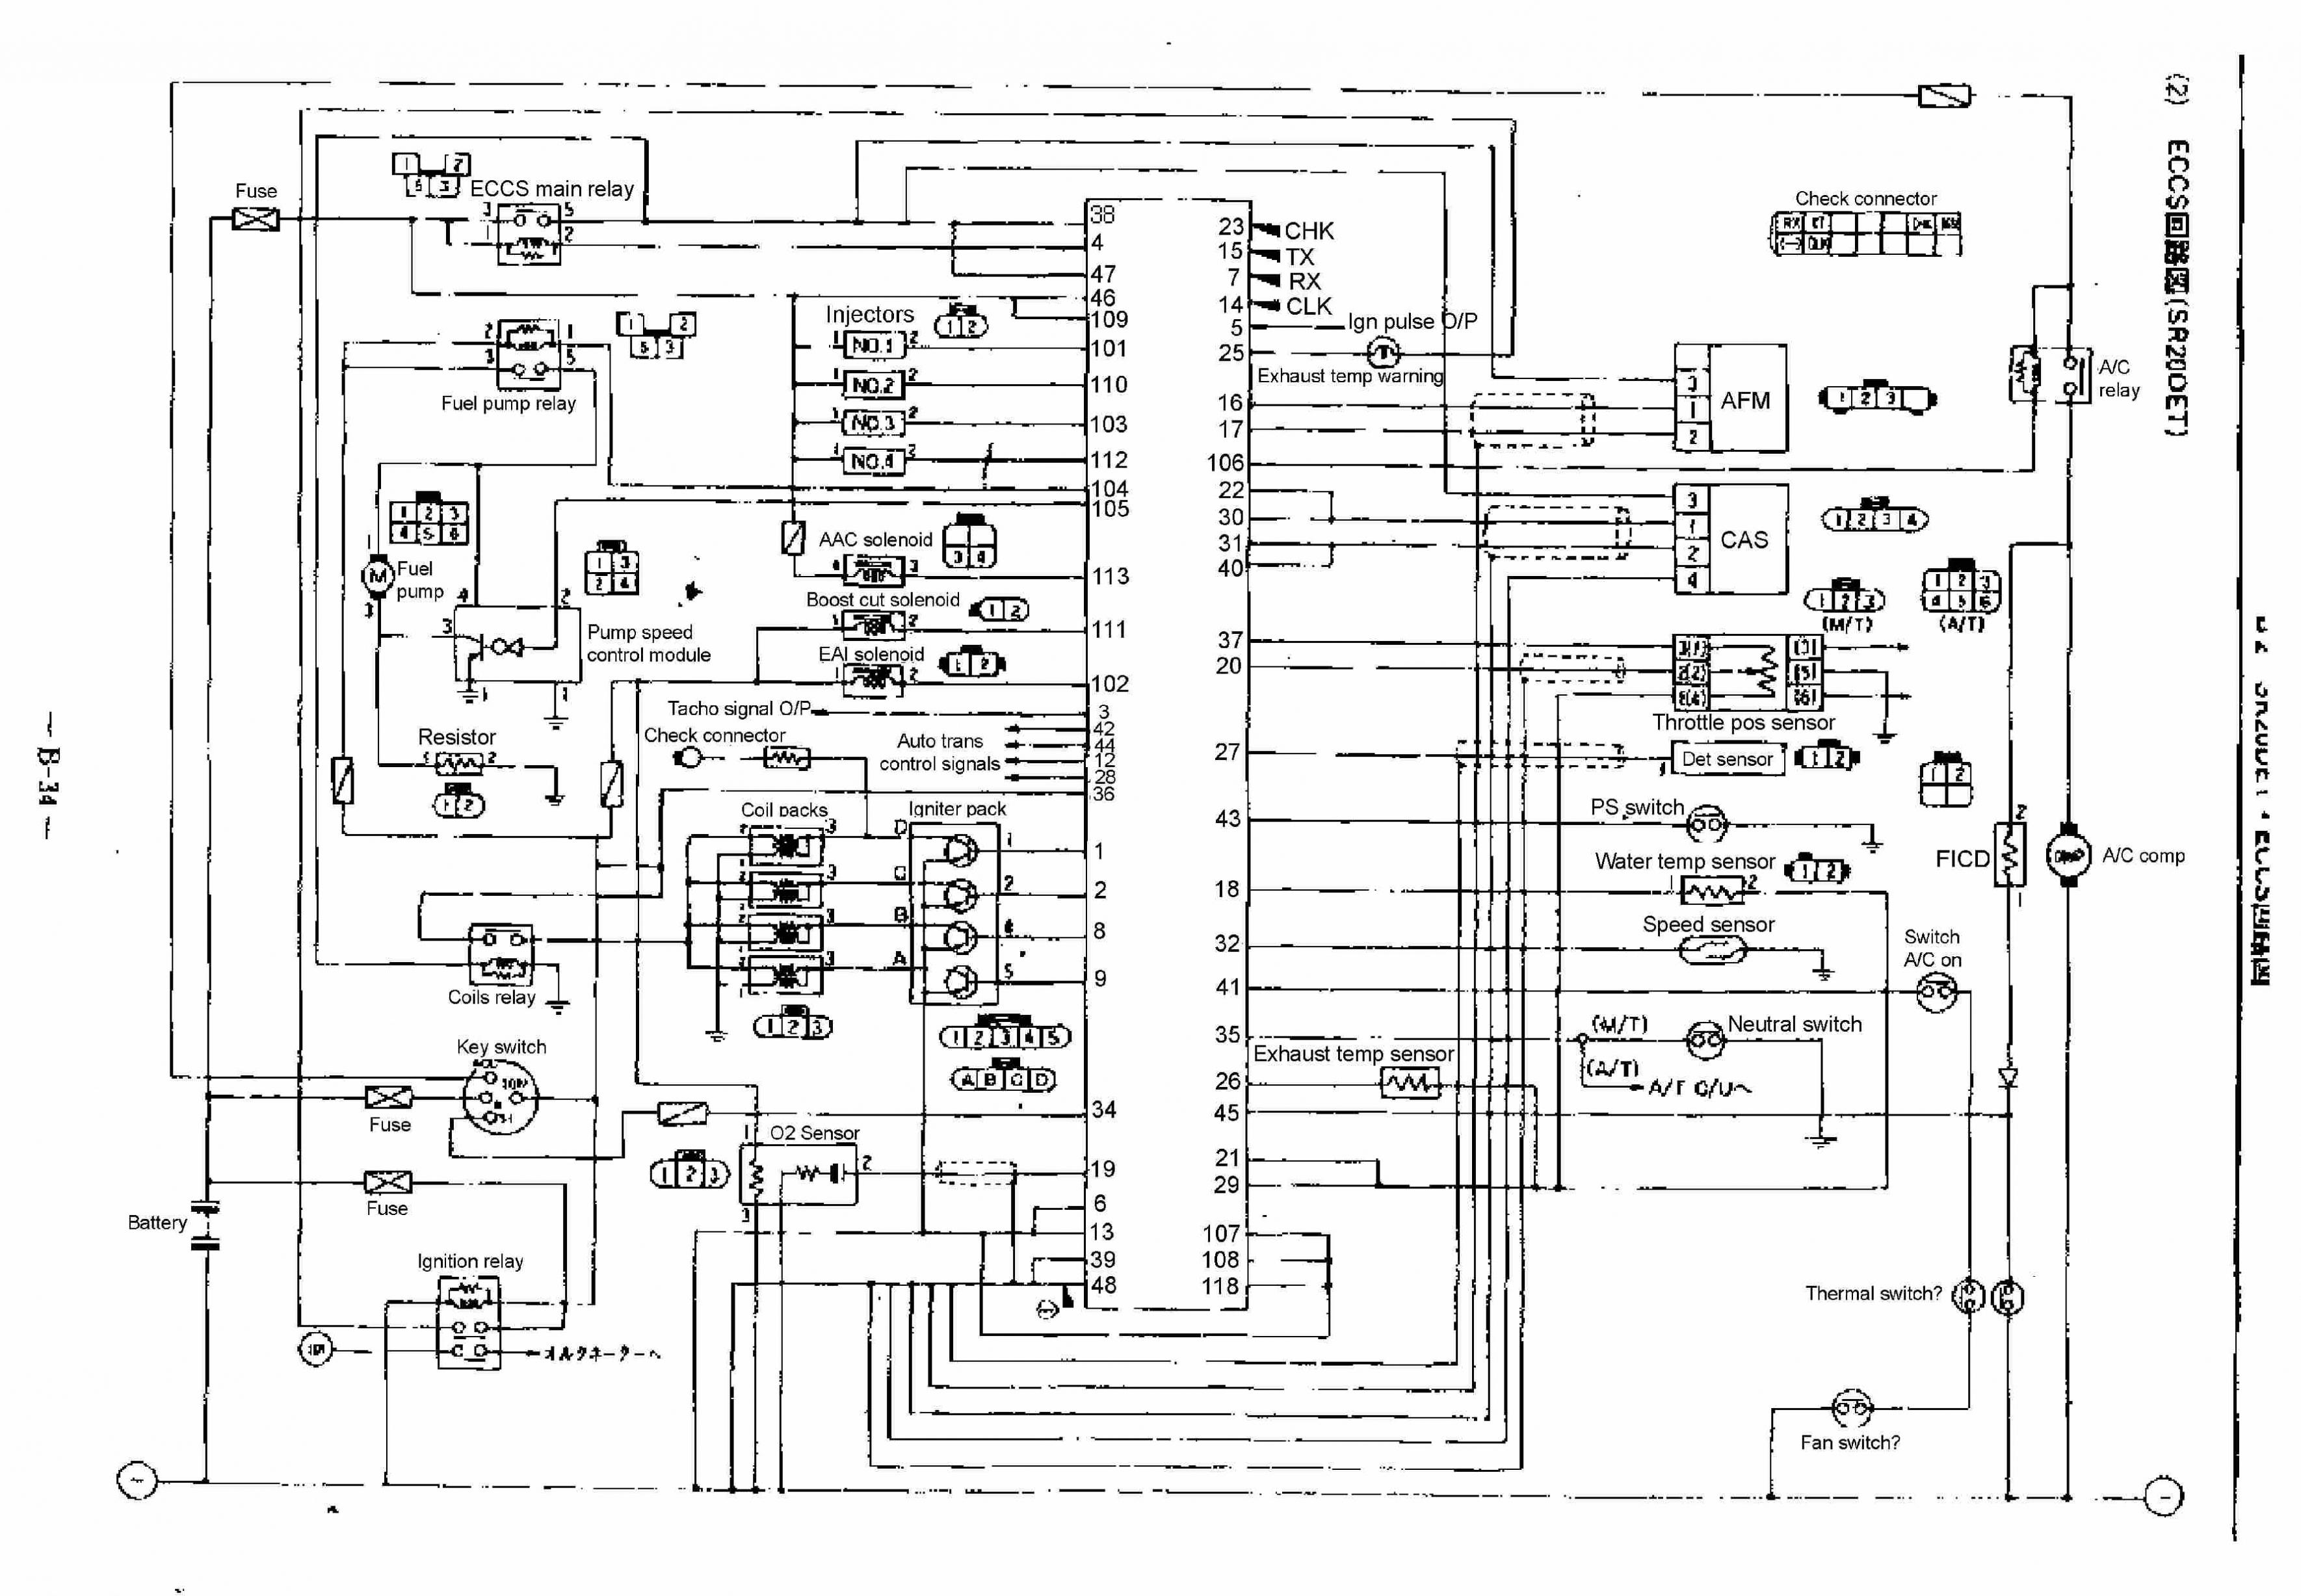 Starcraft Pop Up Camper Wiring Diagram | Wiring Diagram - Coleman Pop Up Camper Wiring Diagram